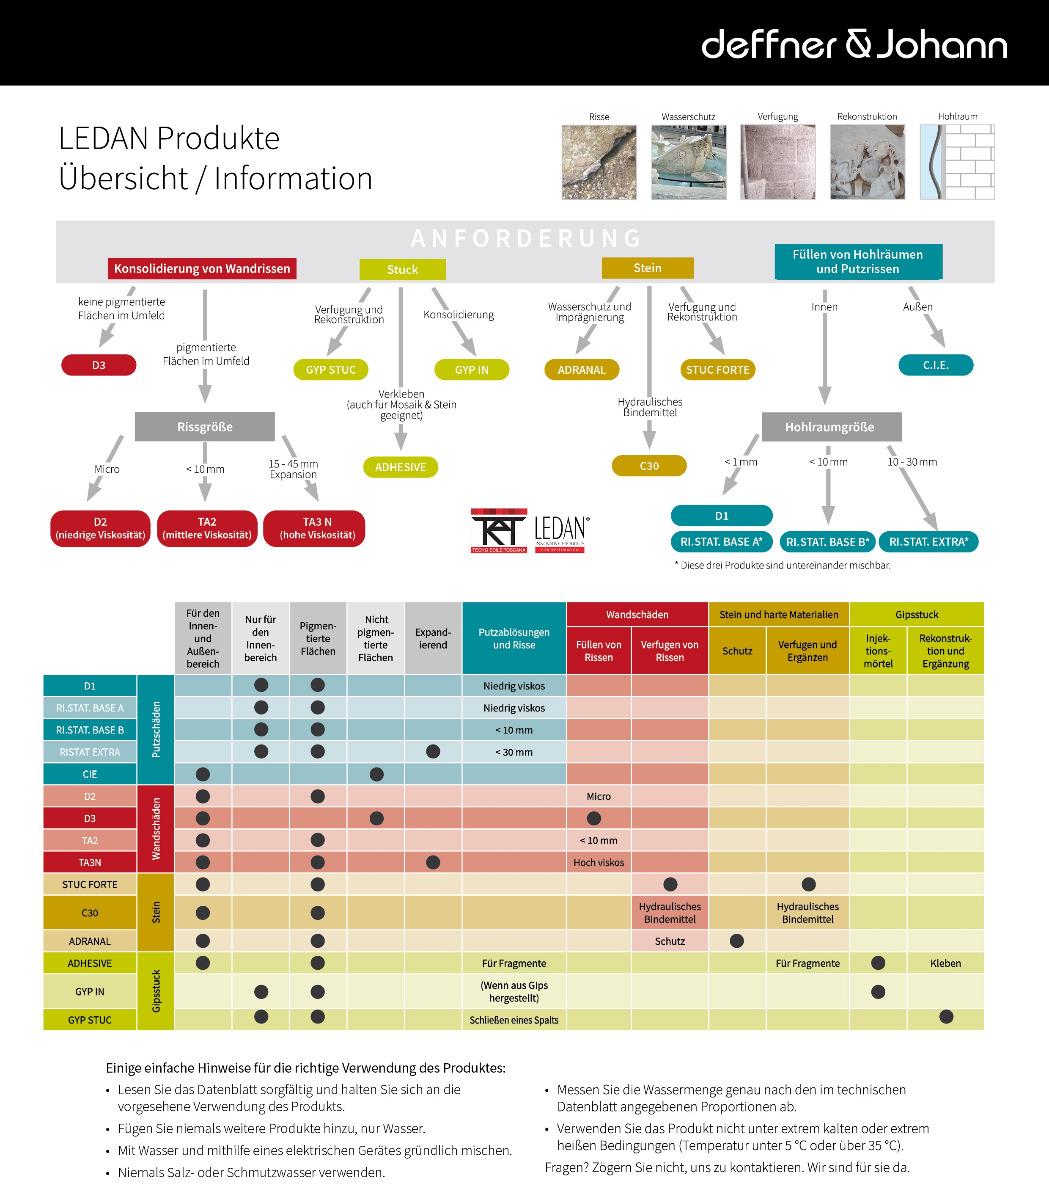 LEDAN Produkte Übersicht und Information